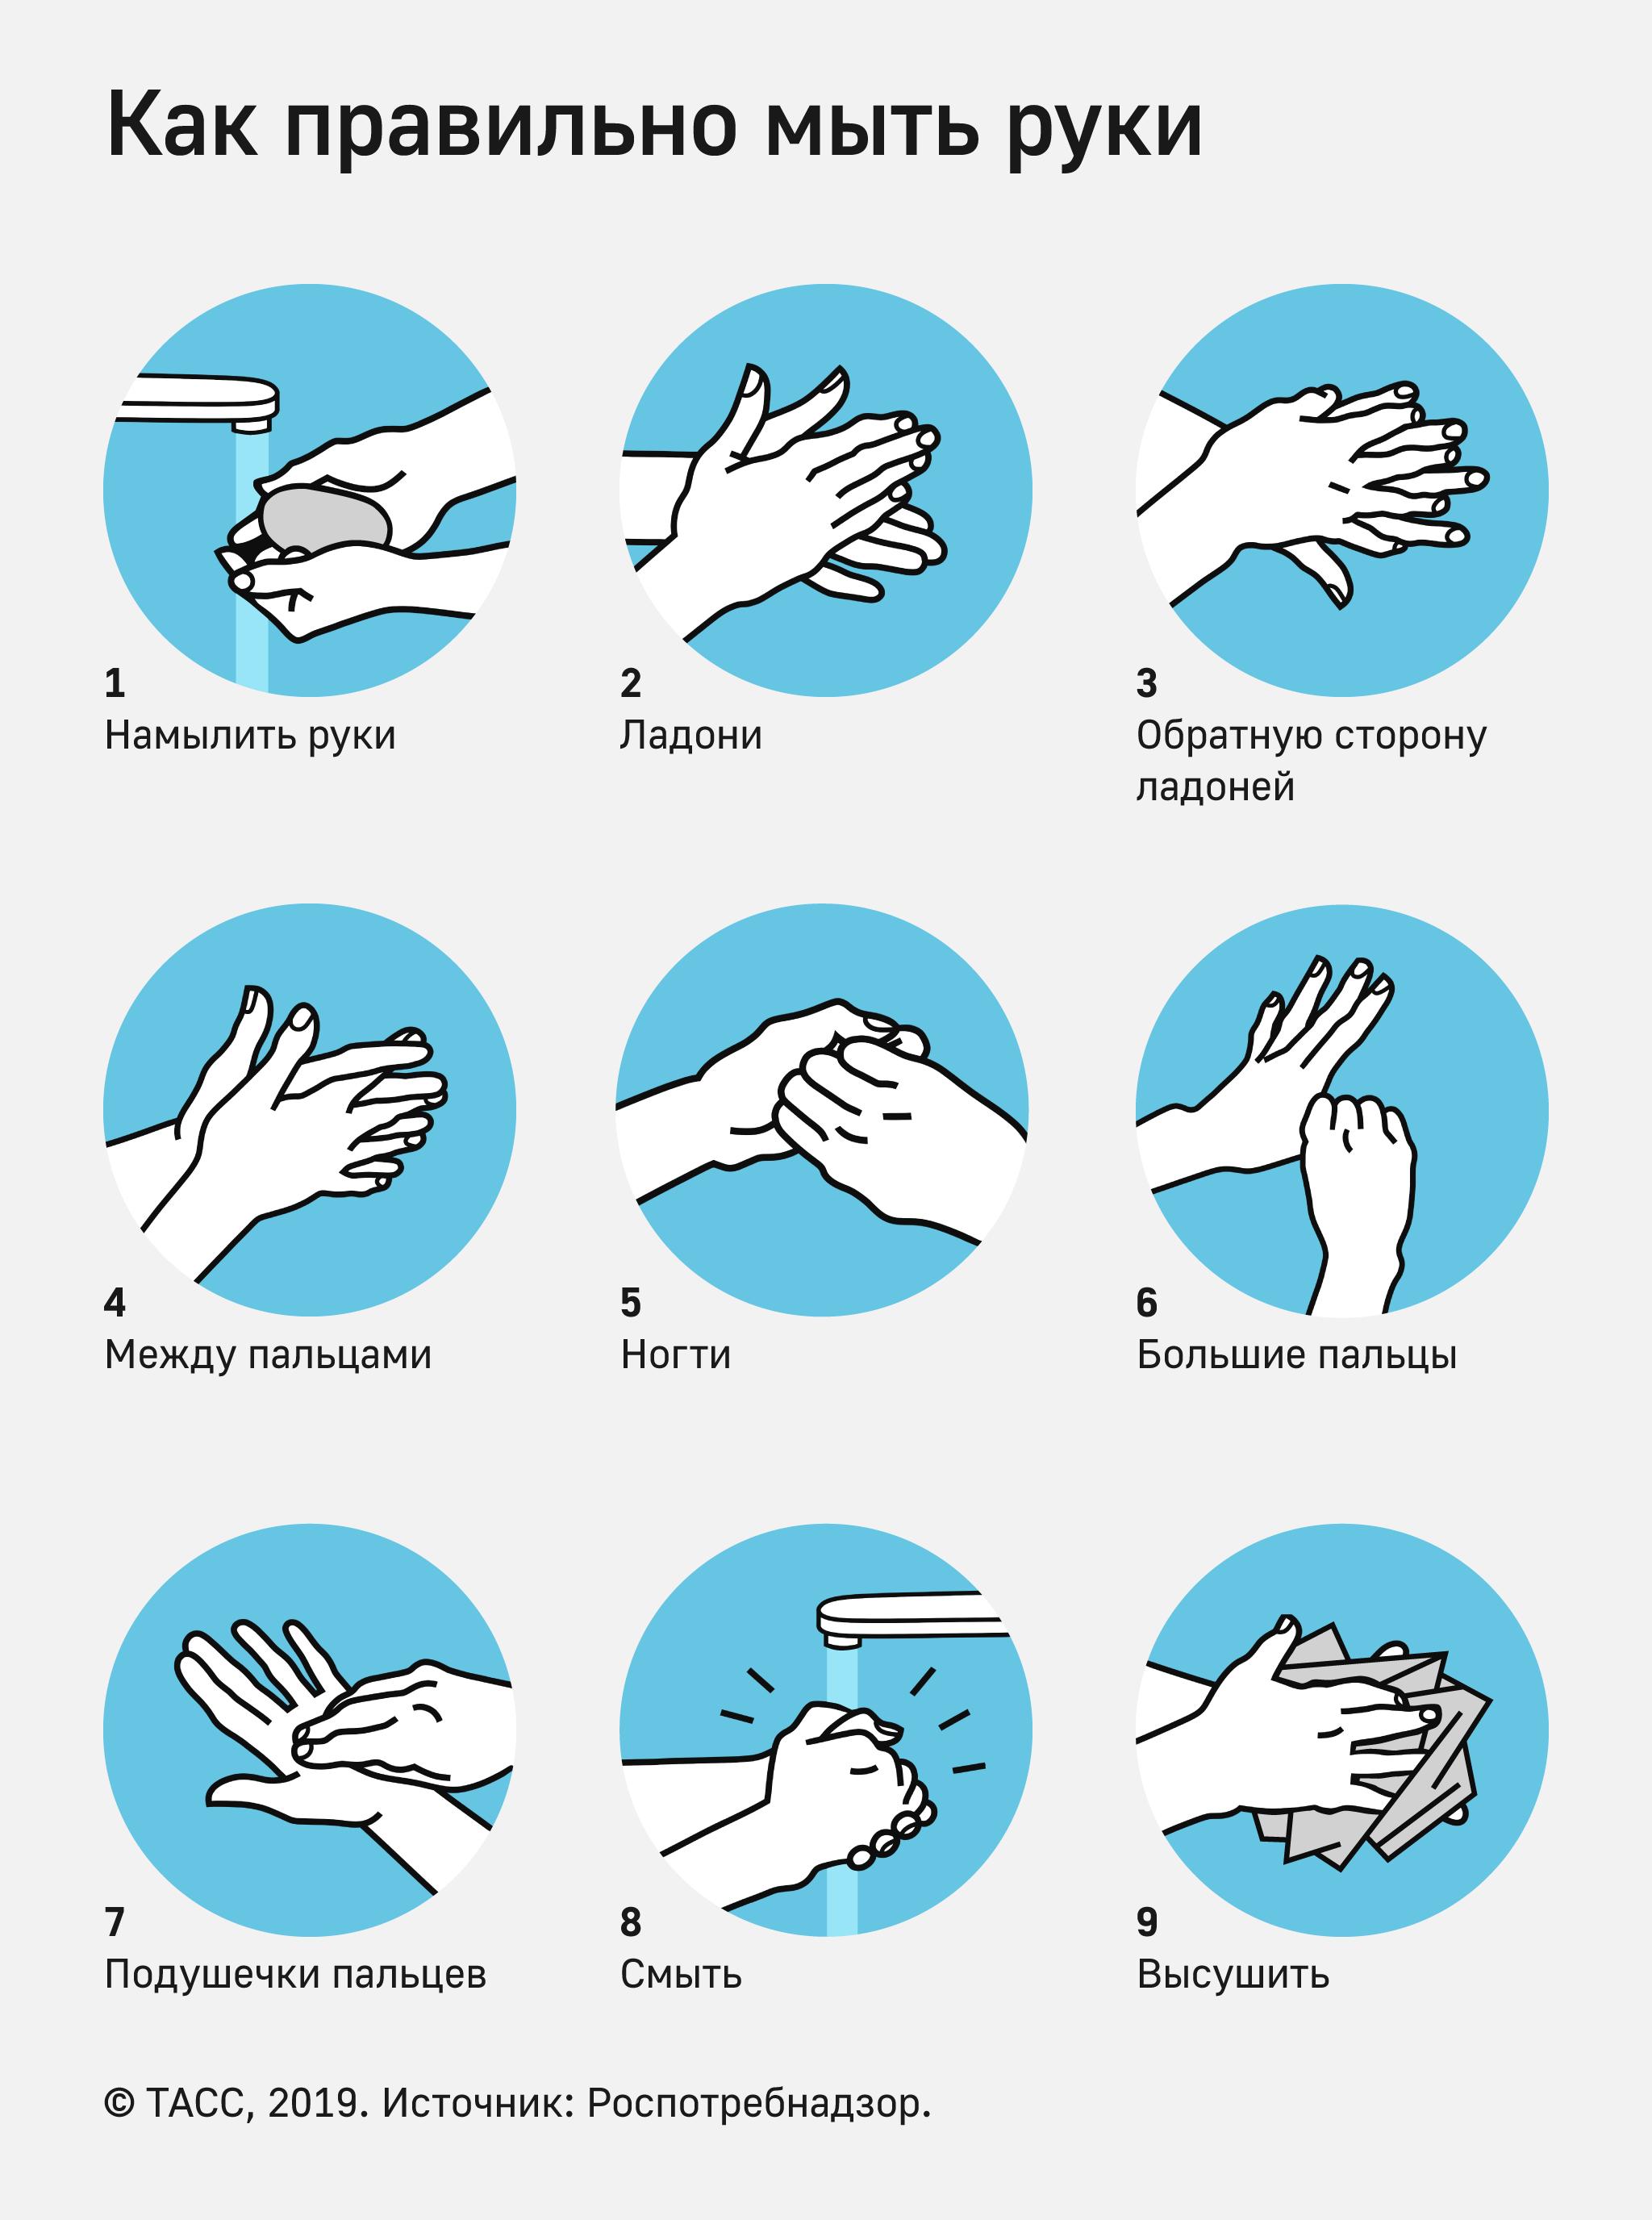 РЕКОМЕНДАЦИИ ГРАЖДАНАМ: как правильно мыть руки?